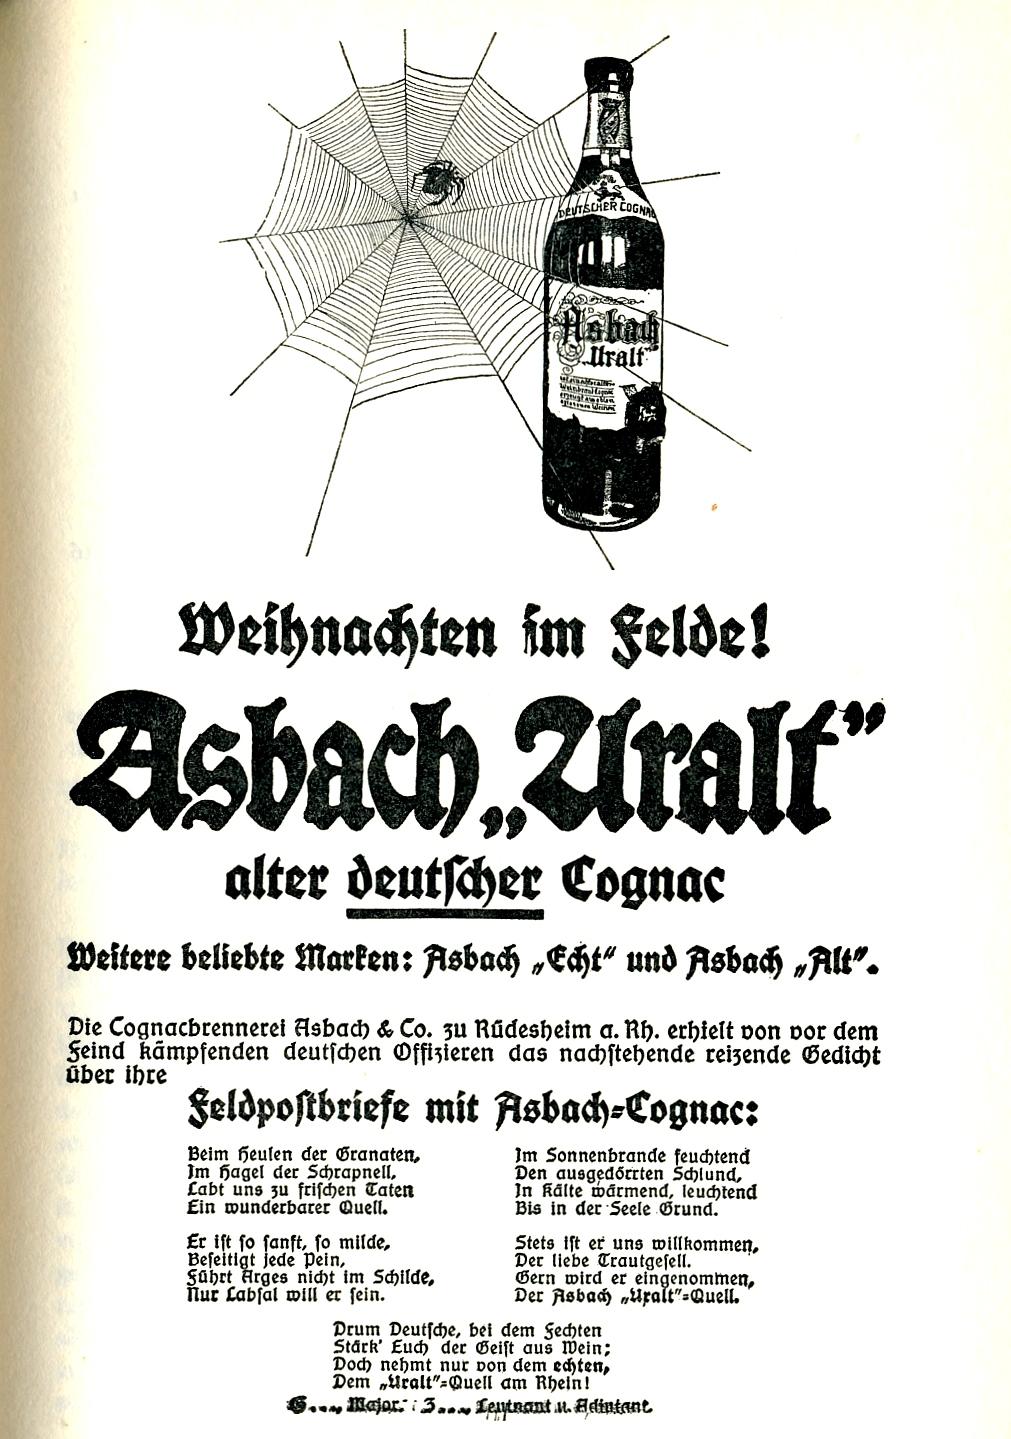 Asbach 2